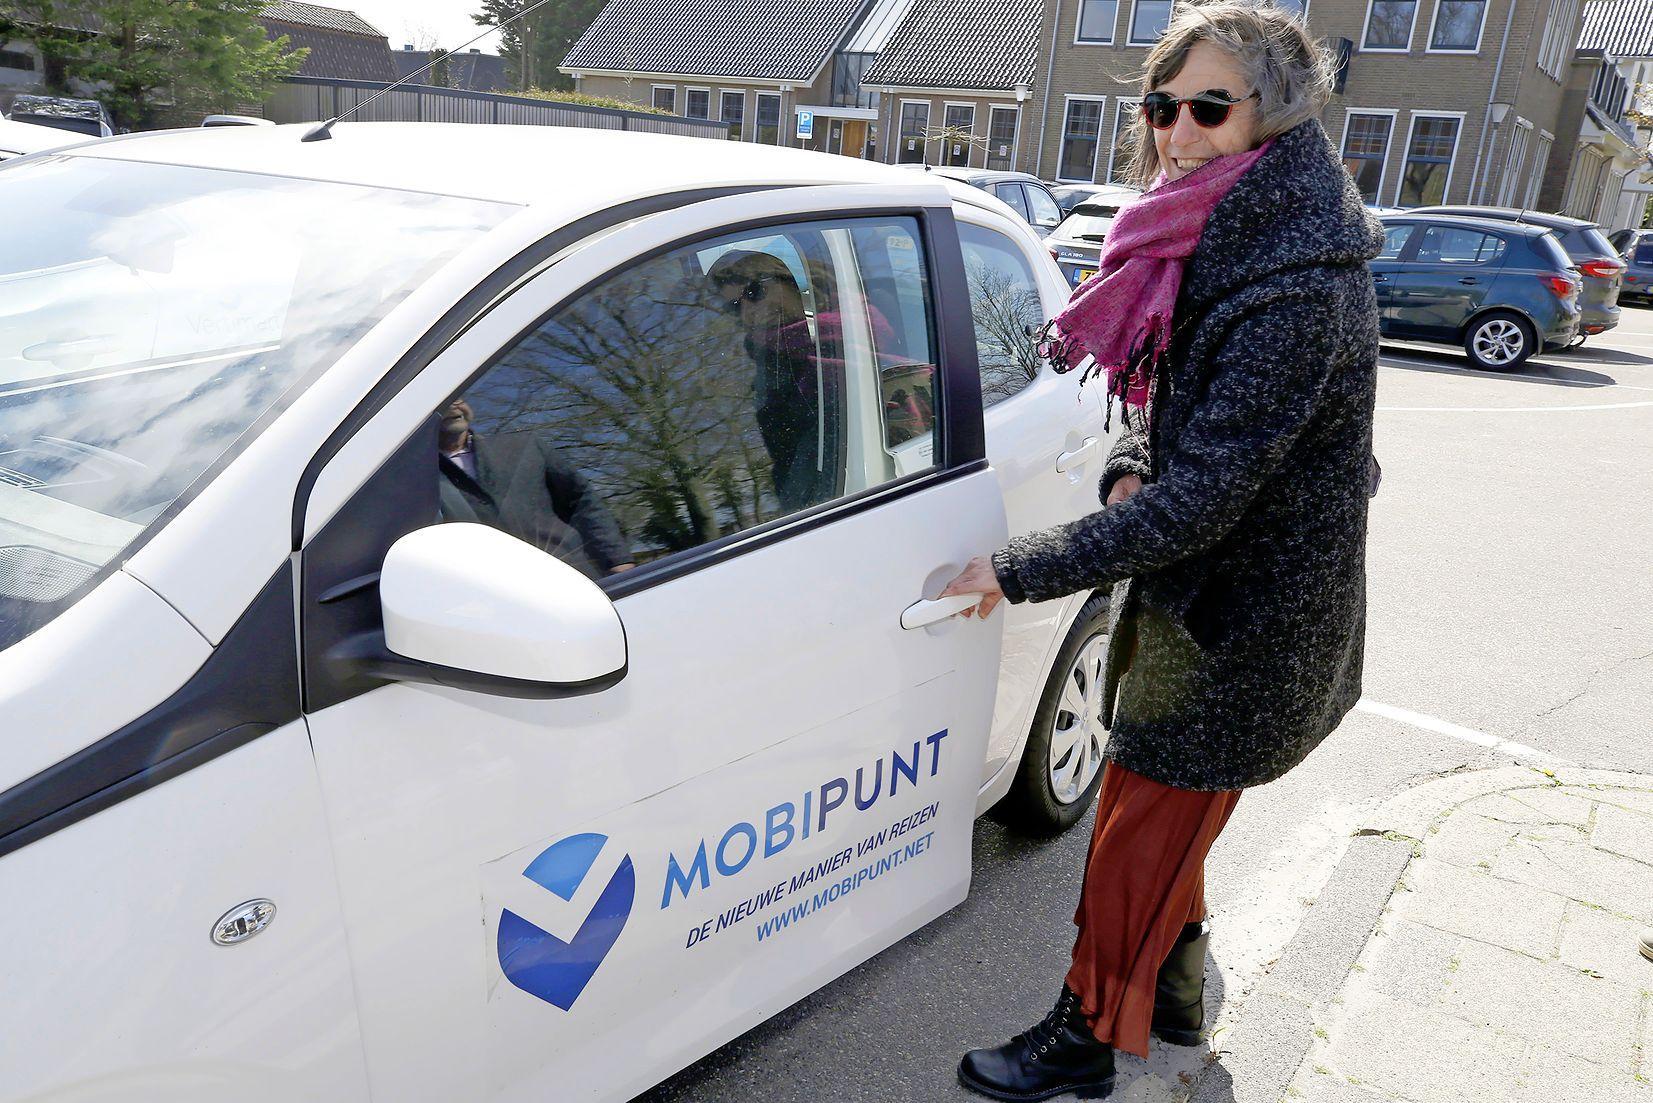 Met de deelauto vanuit Anna Paulowna langs de stalletjes van boeren in West-Friesland. Per openbaar vervoer 'is het steeds lastiger ergens te komen', vindt Joke Vossen